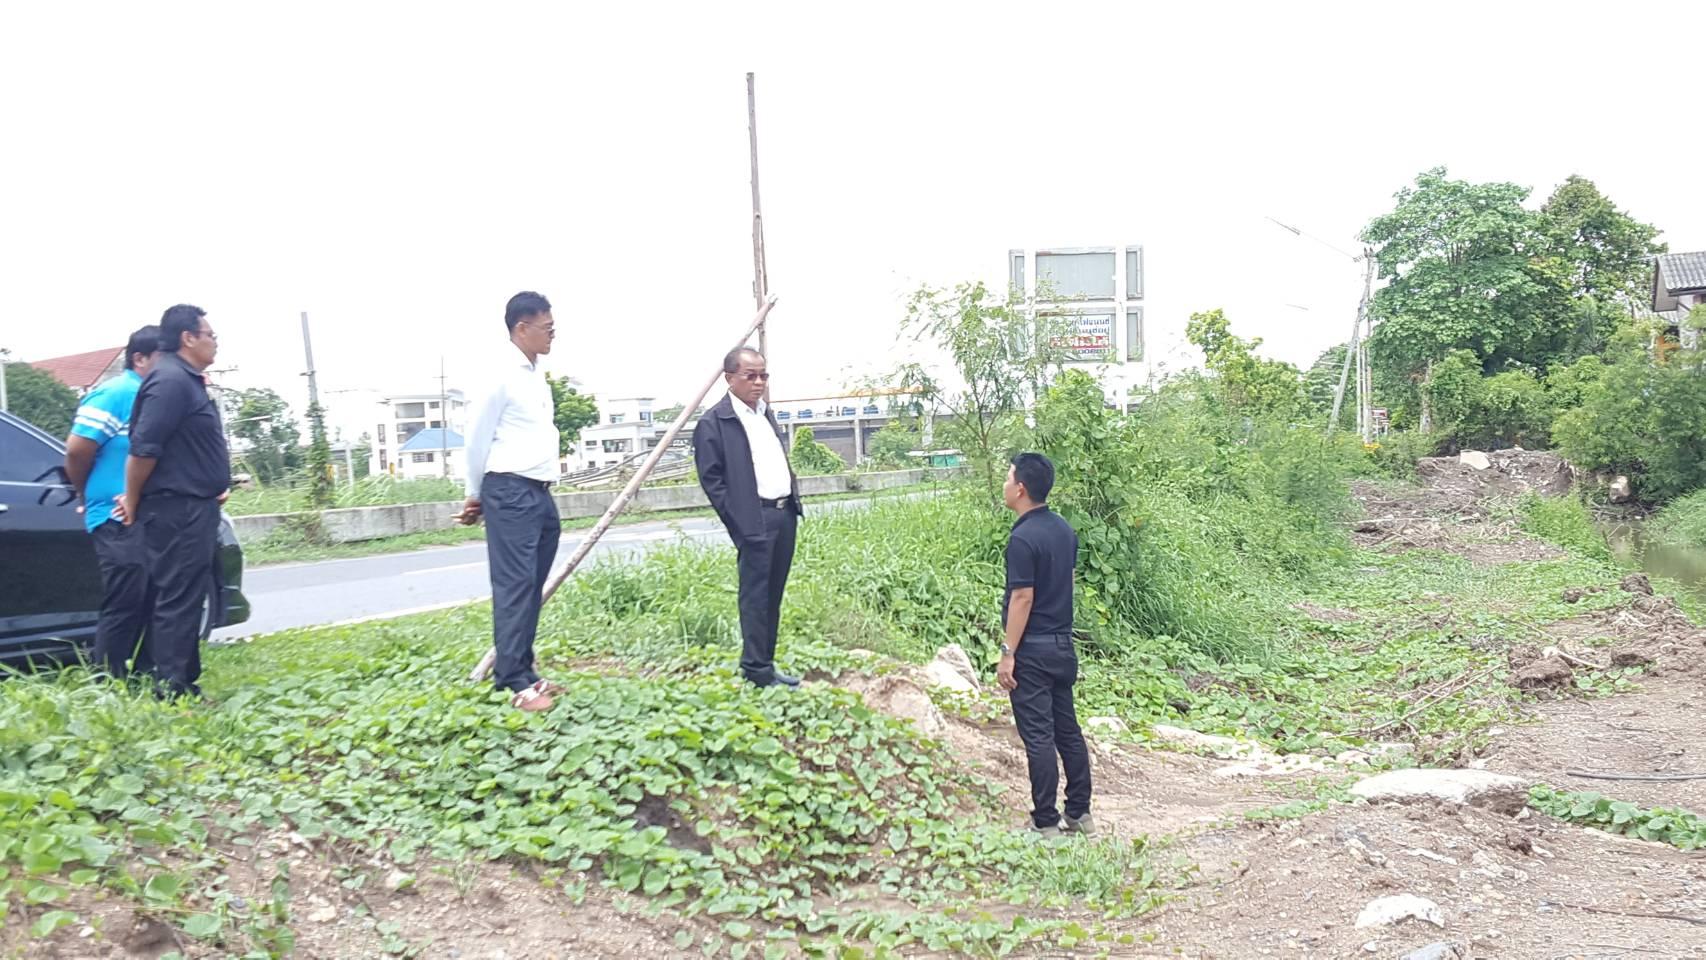 ผู้อำนวยการการประปาส่วนภูมิภาคเขต 2 ลงพื้นที่ตรวจเยี่ยมความคืบหน้าโครงการปรับปรุงเส้นท่อพื้นที่จ่ายน้ำของ กปภ.สาขาธัญบุรี